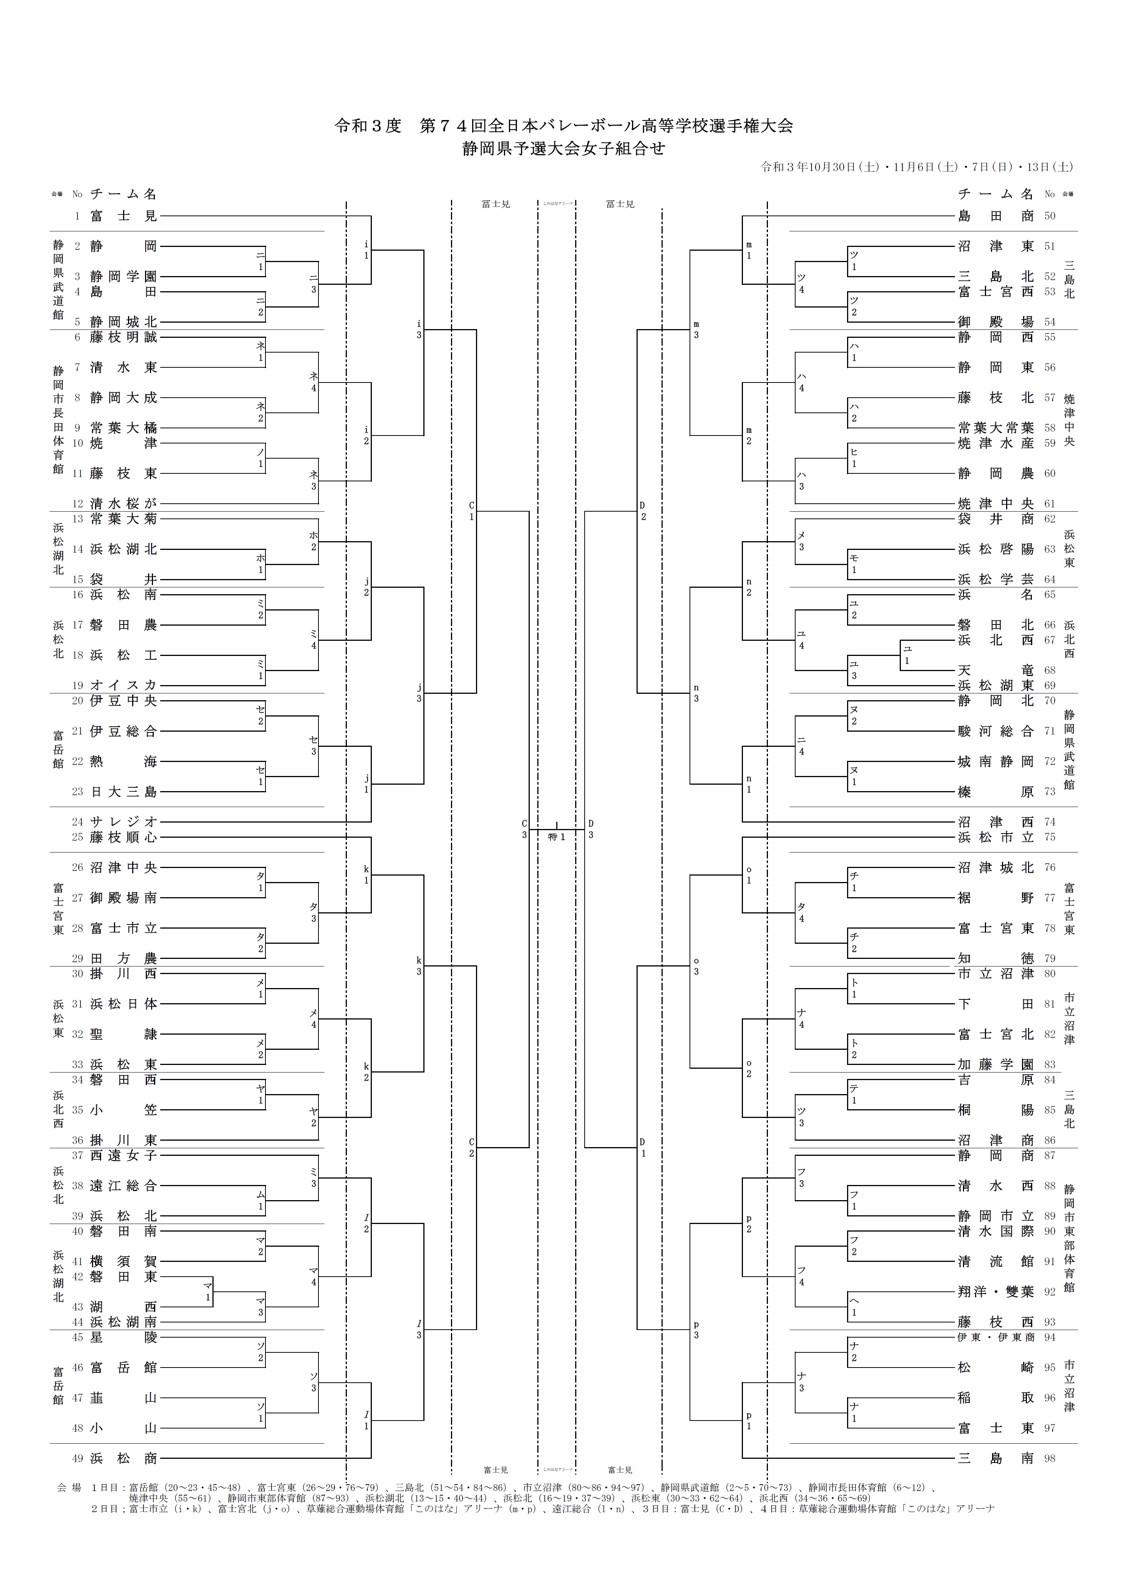 2021年度_全日本高校選手権_静岡予選_女子_組合せ